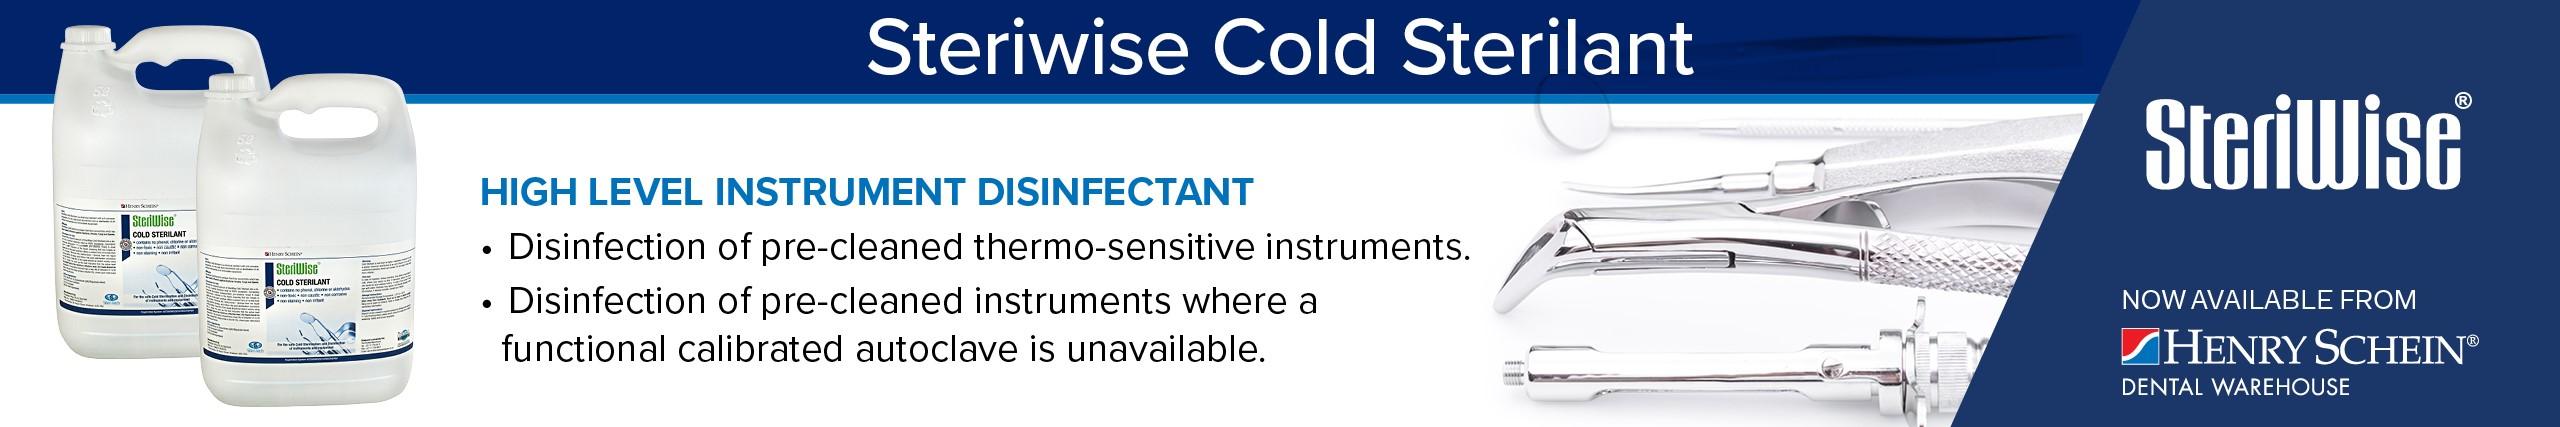 Cold Sterilant